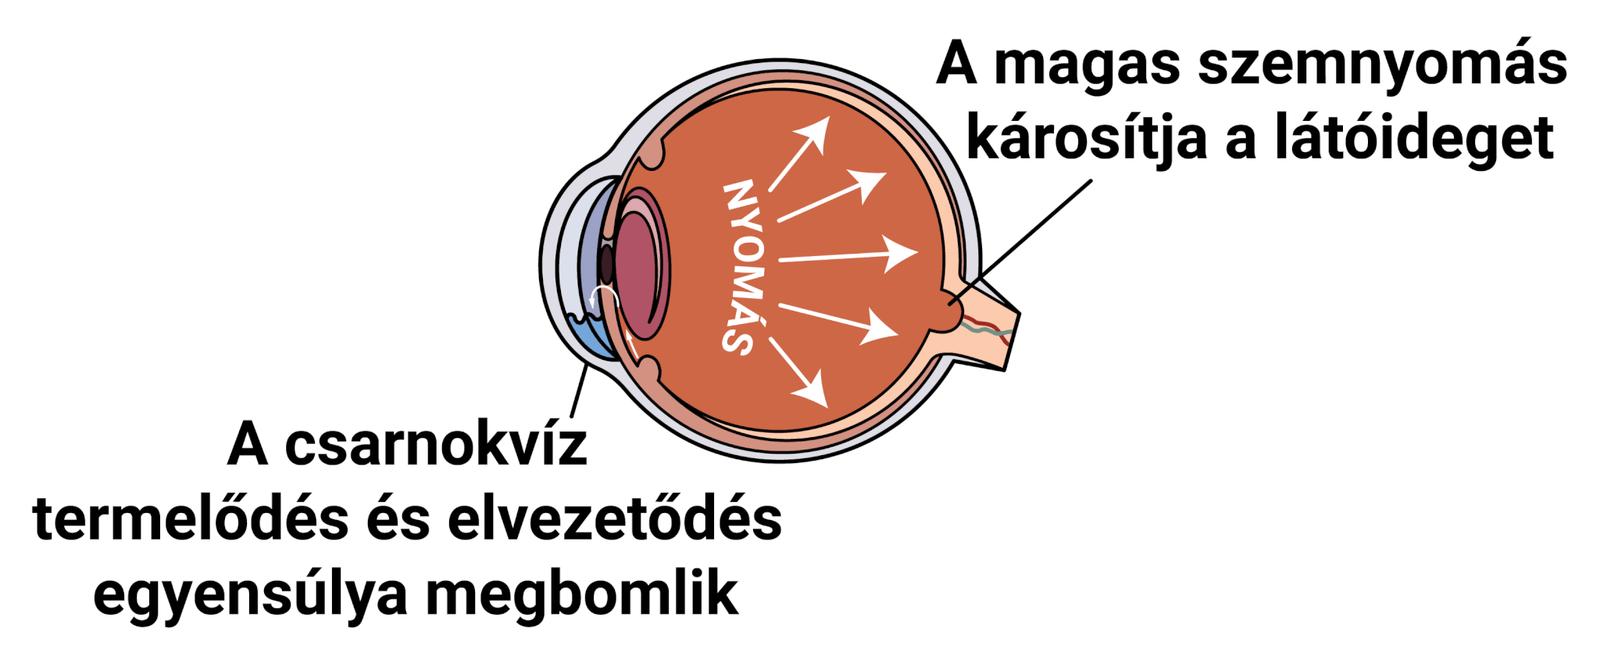 magas vérnyomás és glaukóma kezelése